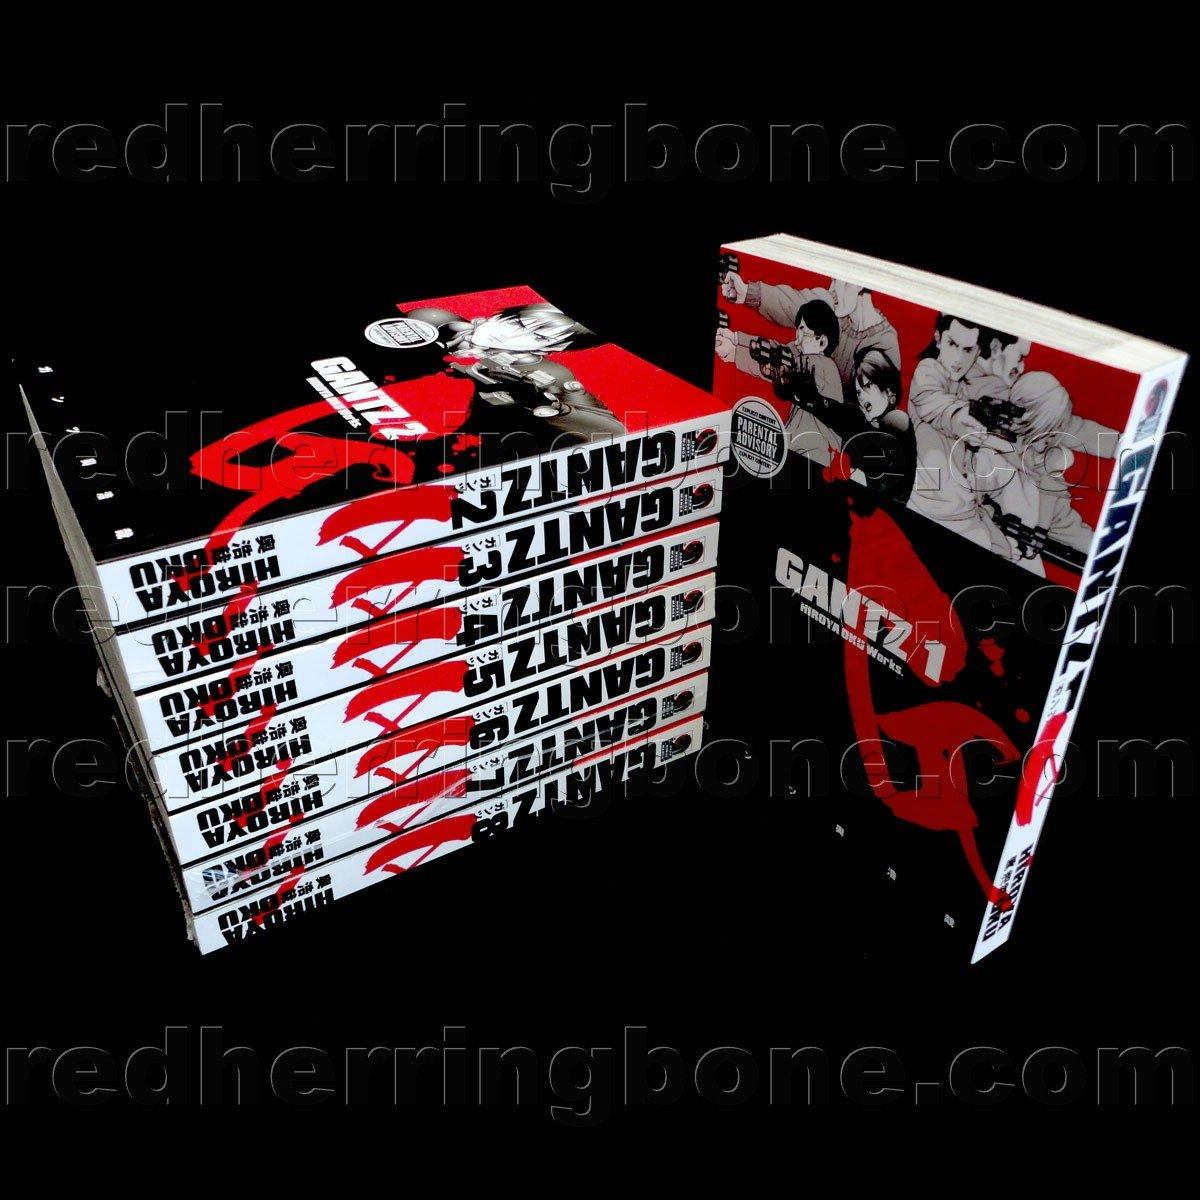 Gantz, Vol. 1-8 Manga (set includes 8 volumes) Hiroya Oku NEW